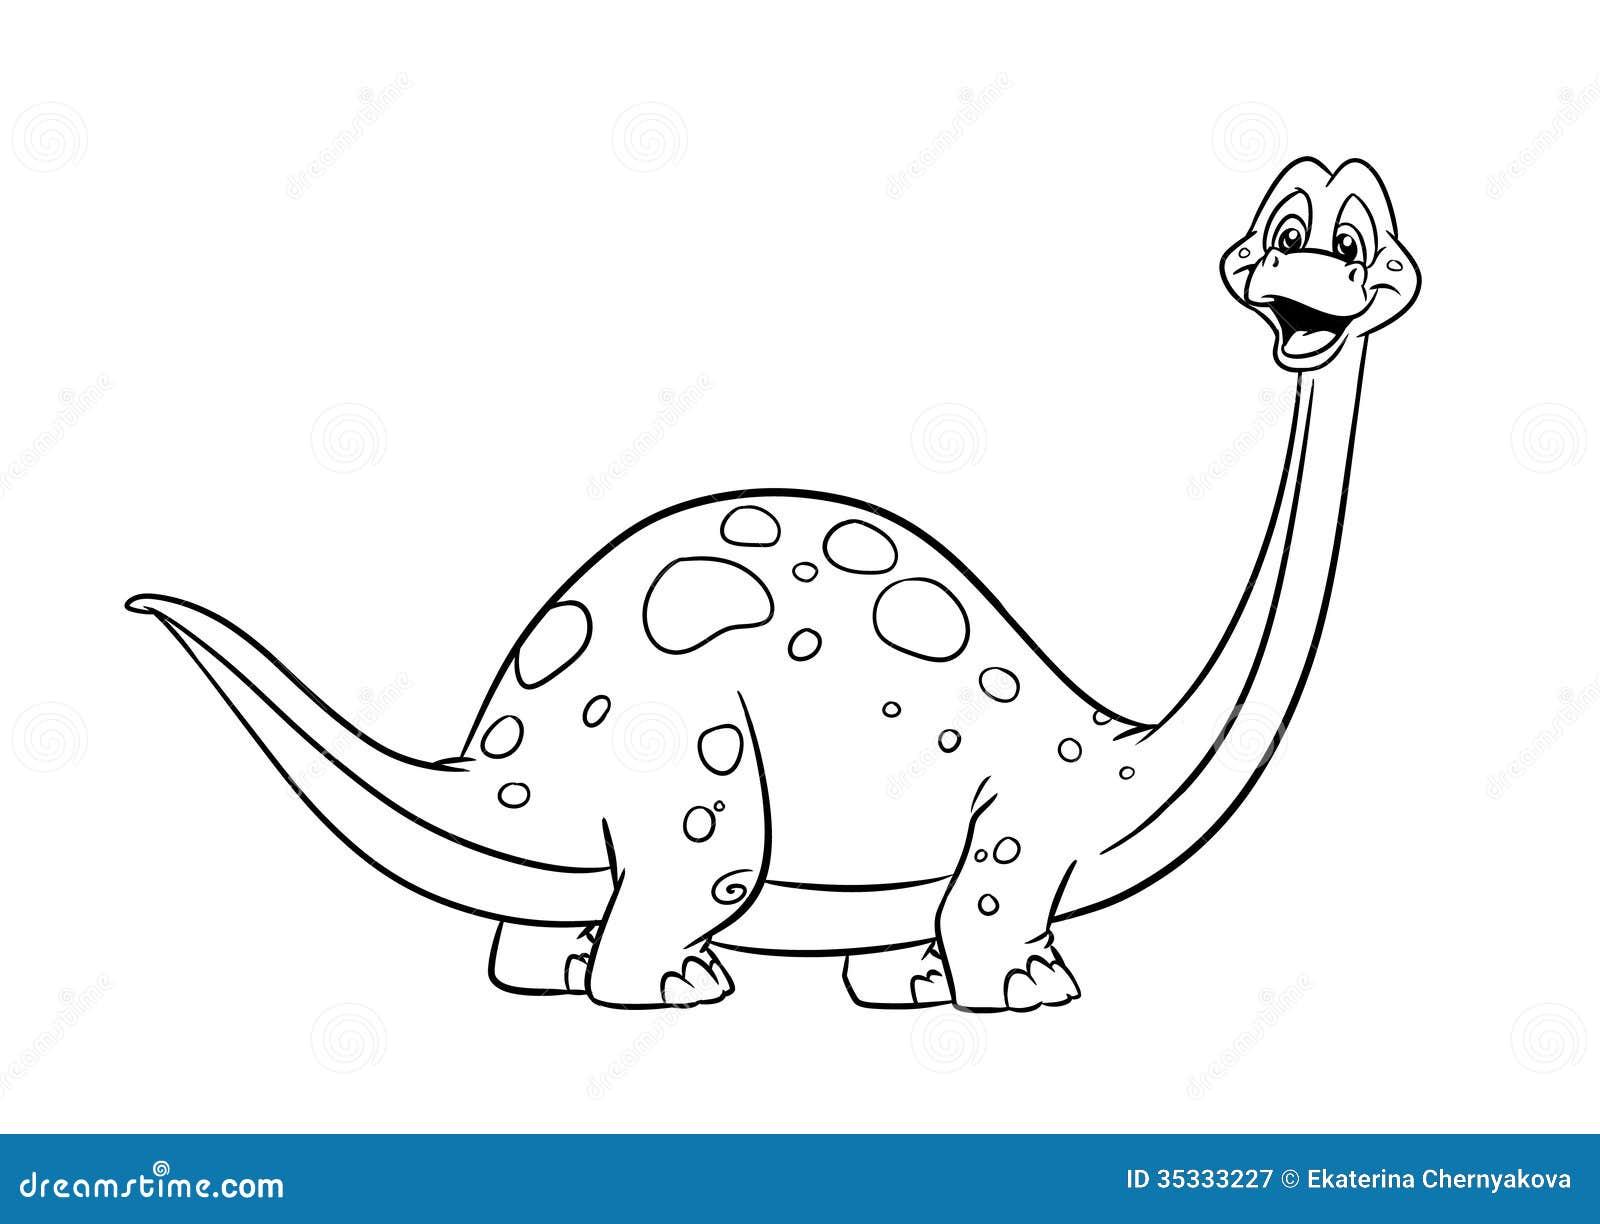 恐龙梁龙着色页